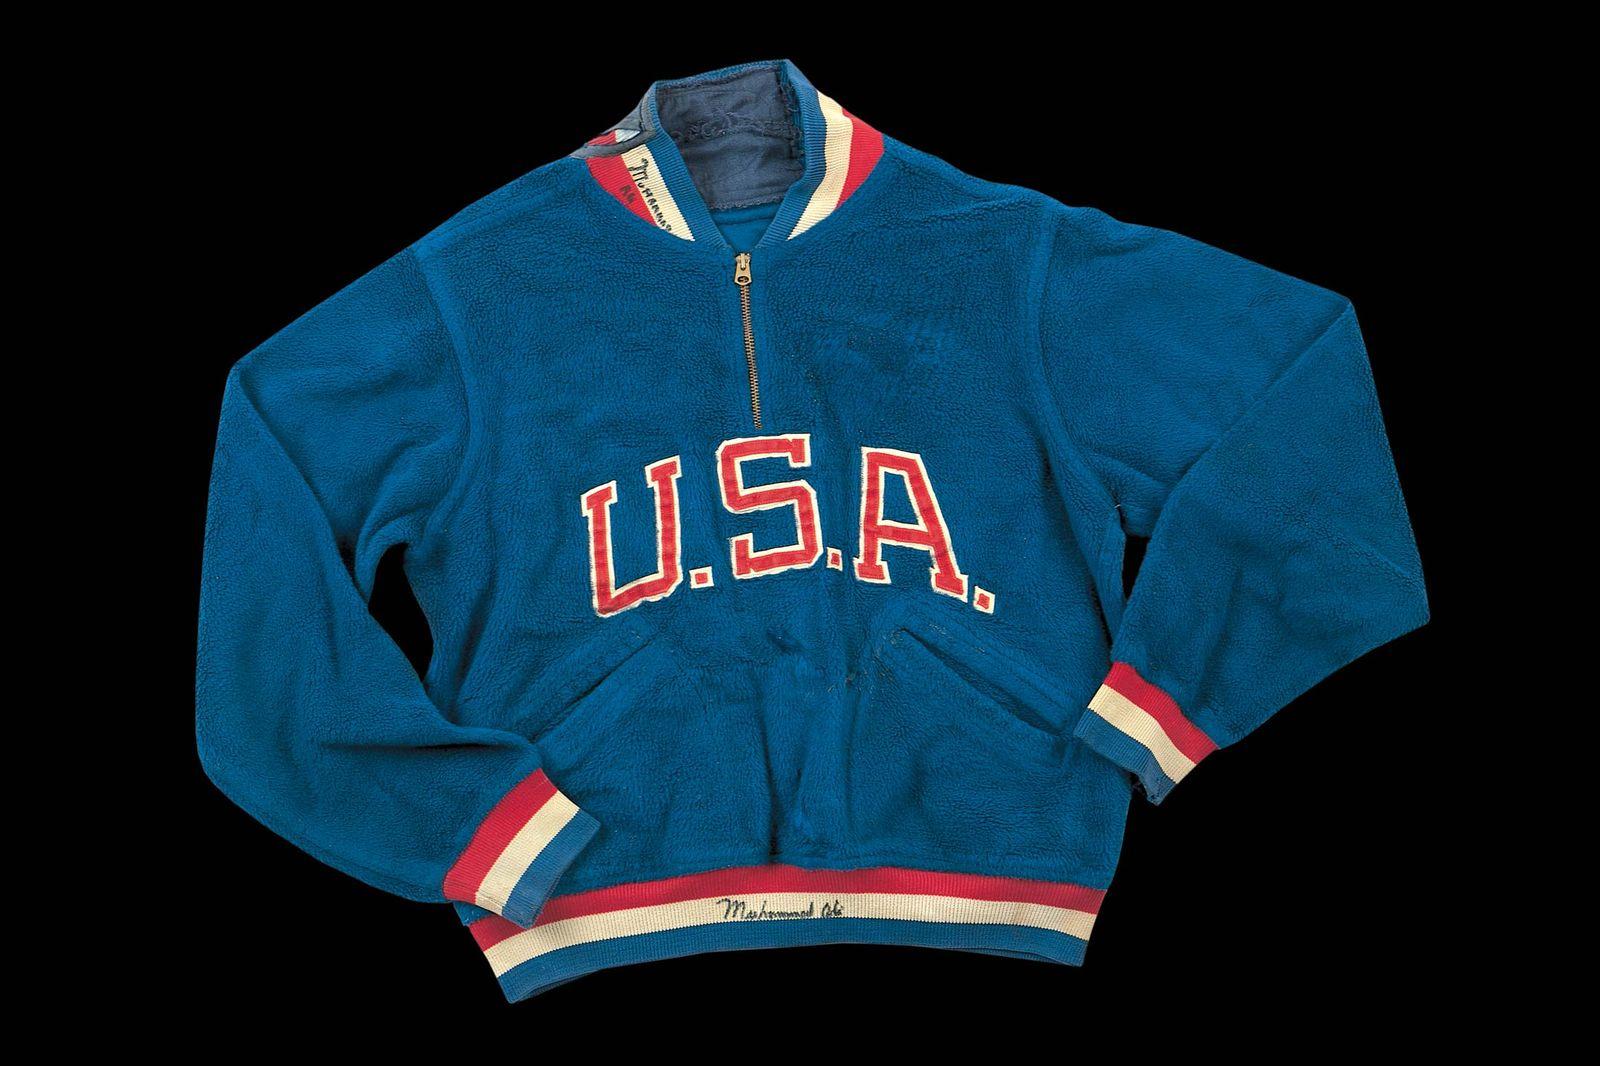 Олимпийская куртка Мохаммеда Али 1960 года